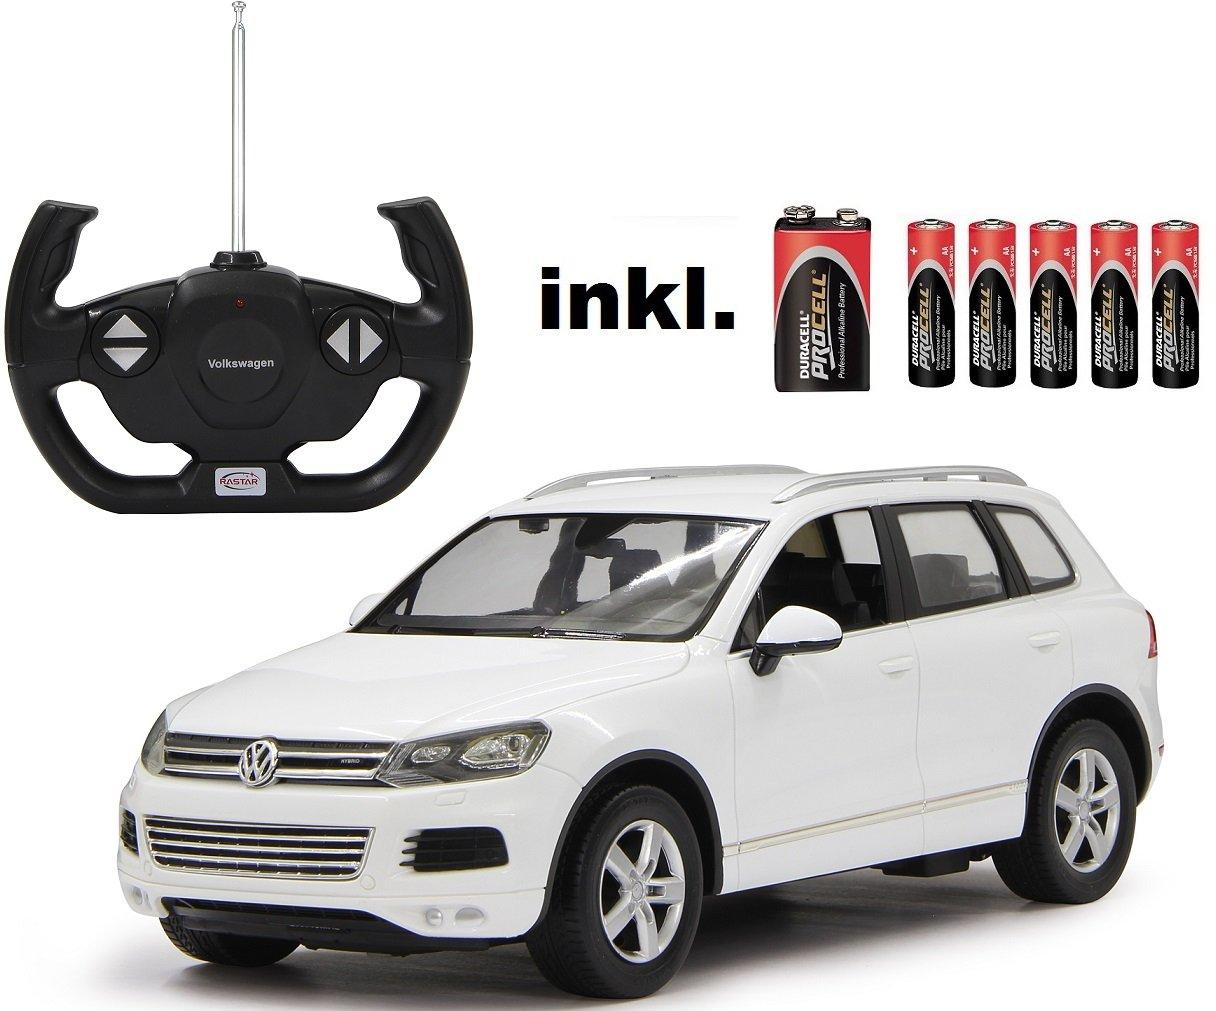 RC VW Touareg V8 – Weiß – Maßstab: 1:14 – LED-Licht – ferngesteuert, inkl. allen Batterien – RTR – LIZENZ-NACHBAU bestellen